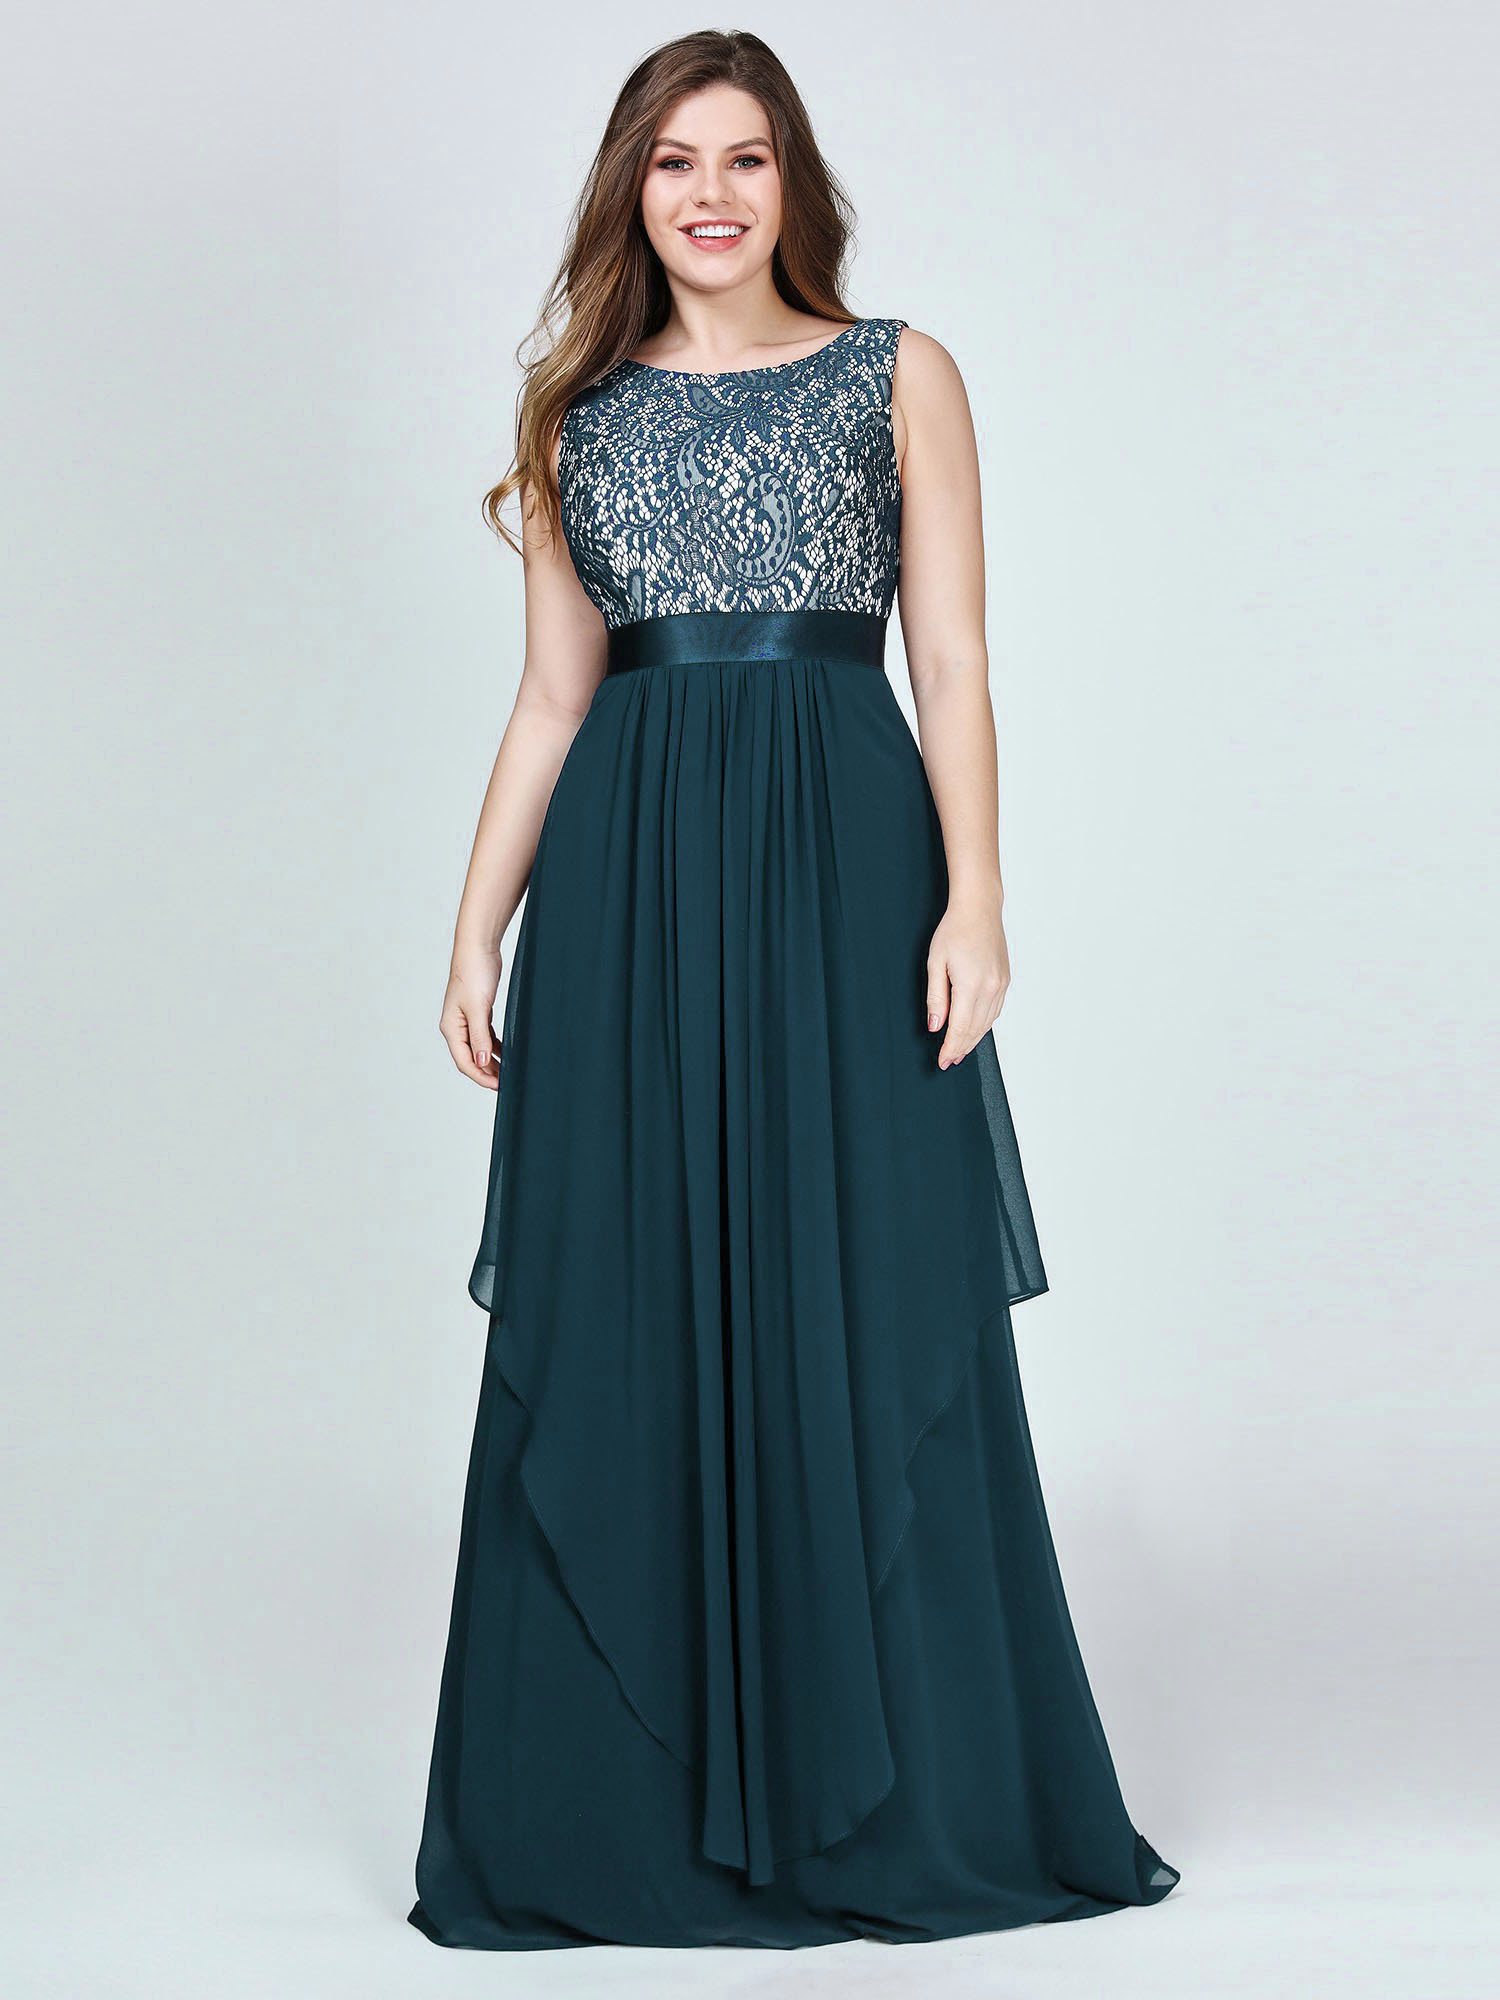 17 Leicht Abendbekleidung Damen Große Größen Boutique Ausgezeichnet Abendbekleidung Damen Große Größen Spezialgebiet